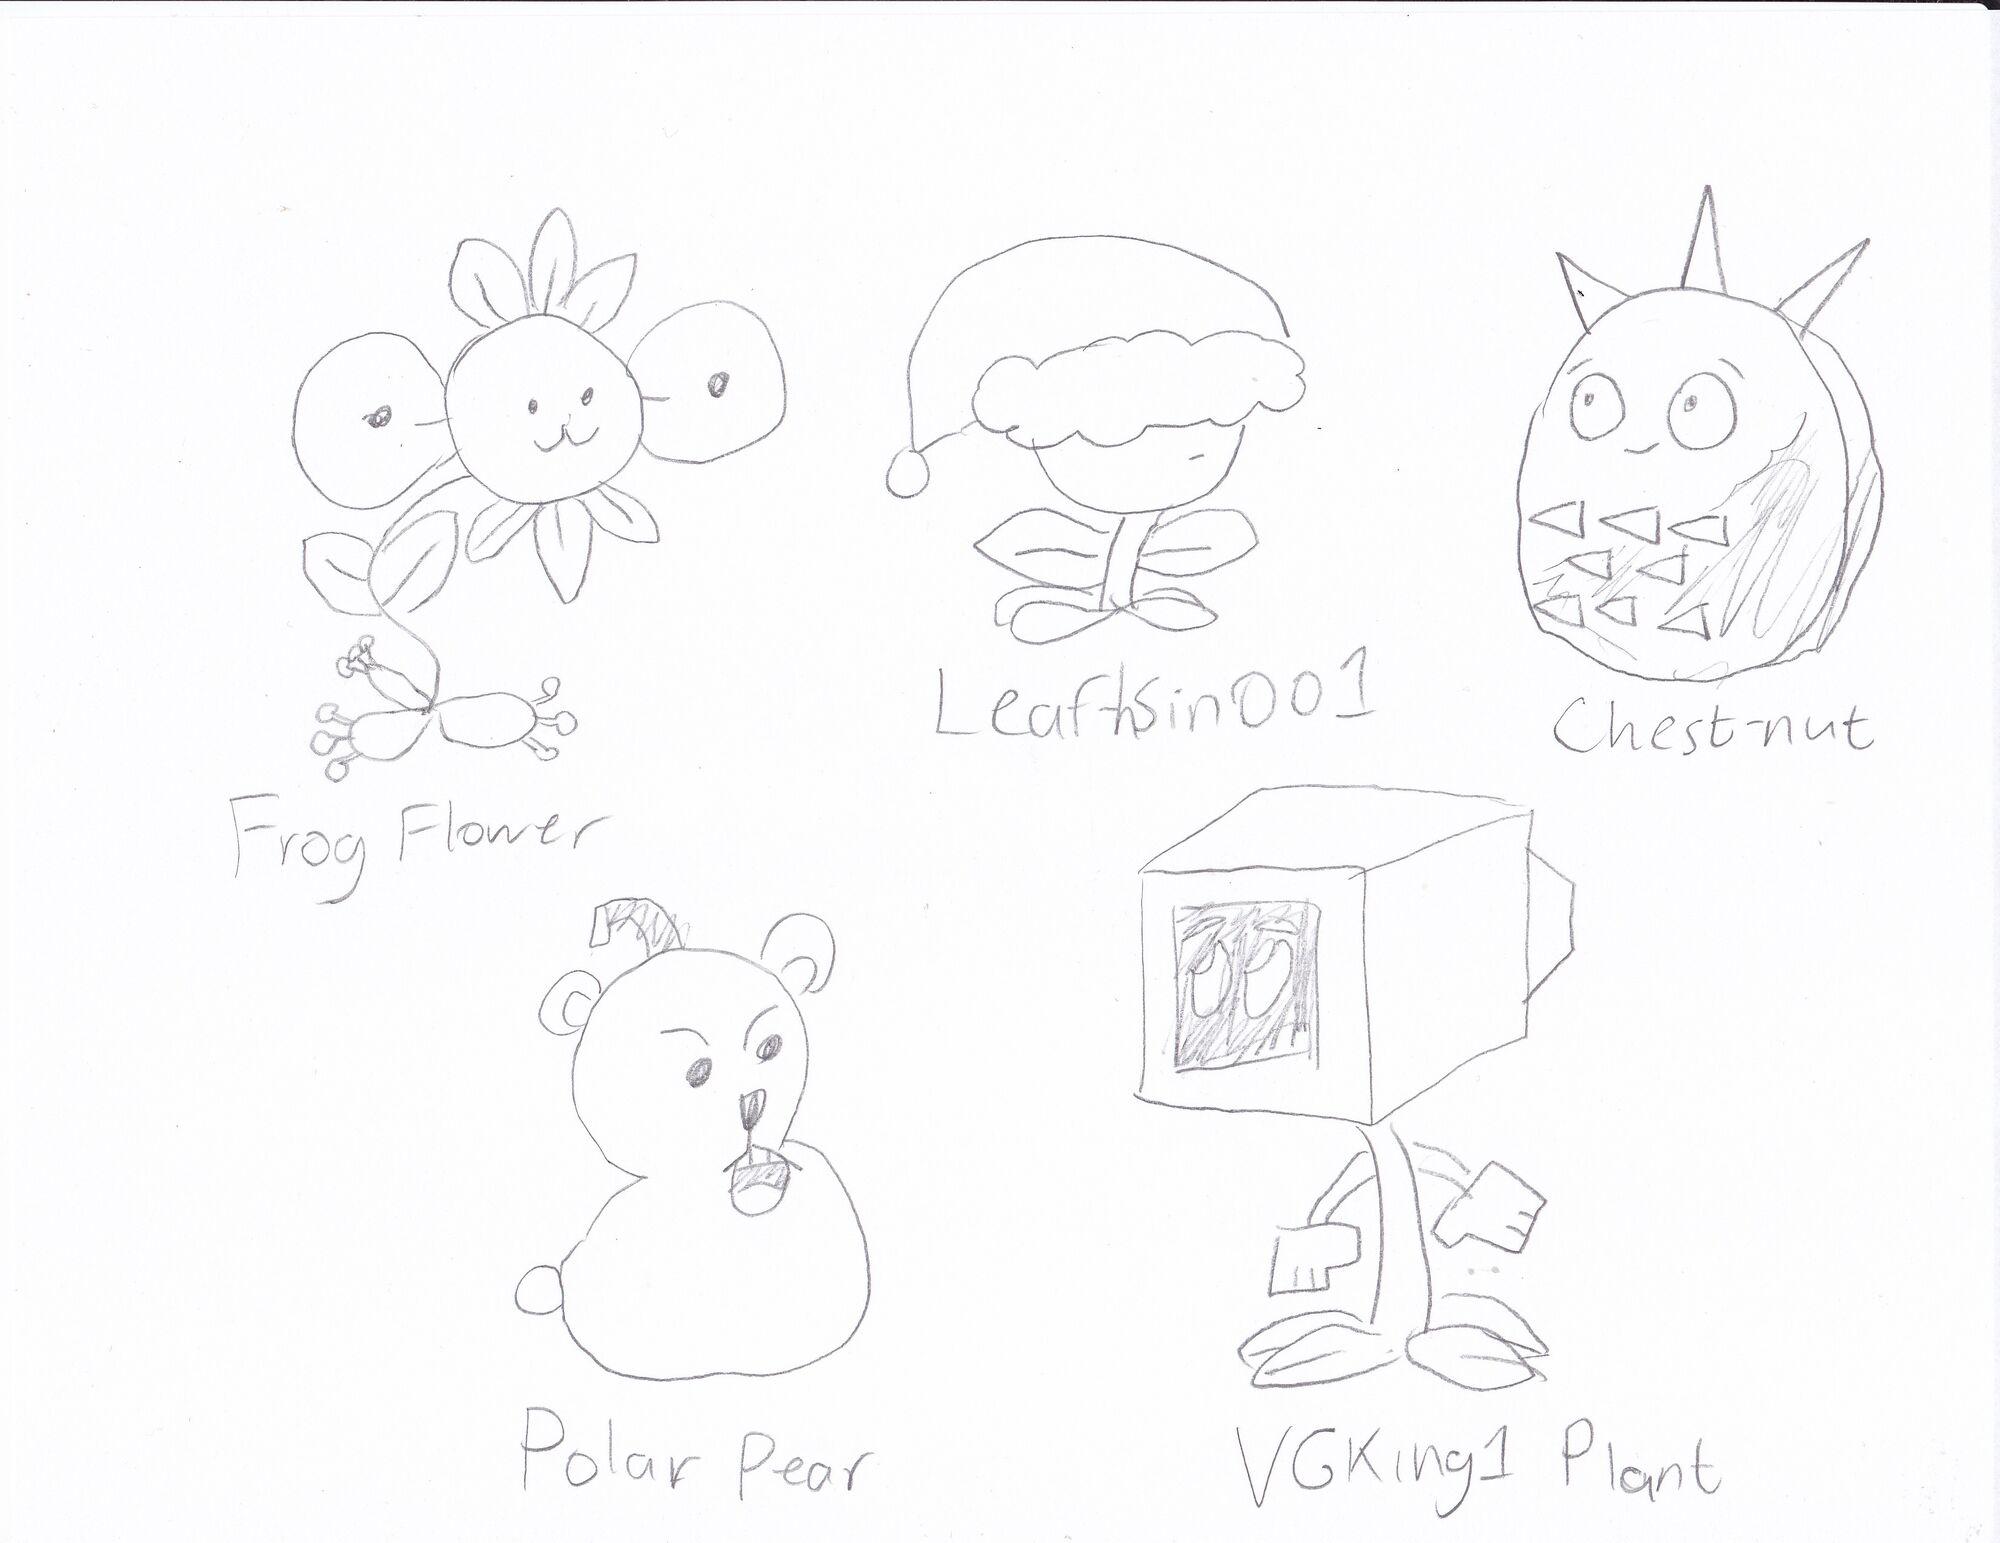 User blog:VGKing1/VGKing1's House World (fan world